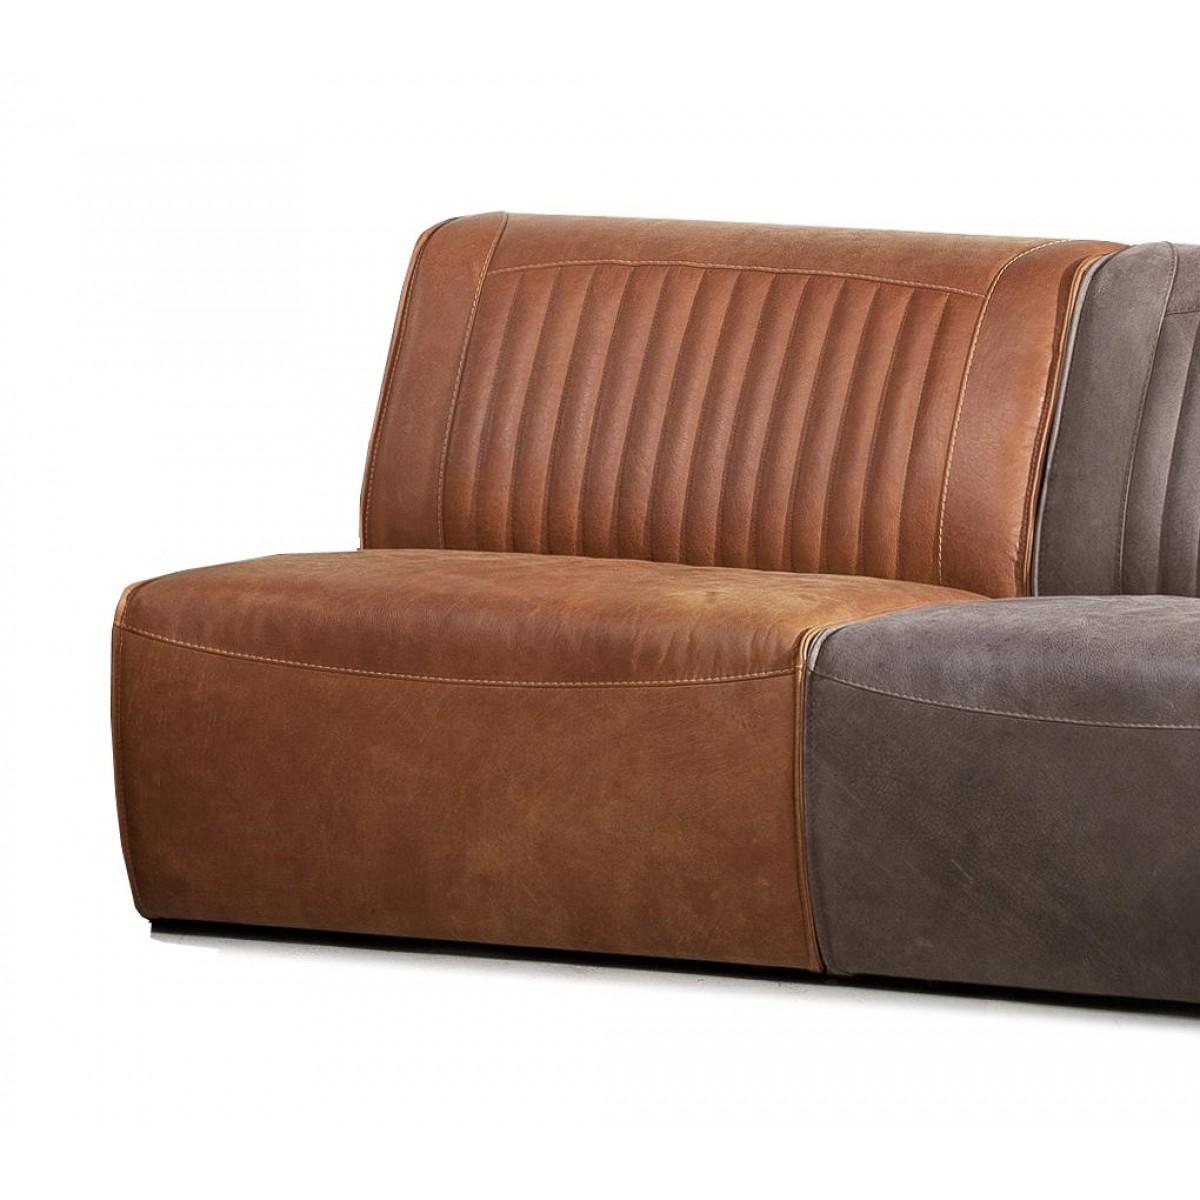 Adorable Sofa Ohne Lehne Reference Of Startseite; Vision Element Lehnen Leder. Vision-valor-hoek-elementen-bank-leer-leder-cowboy-